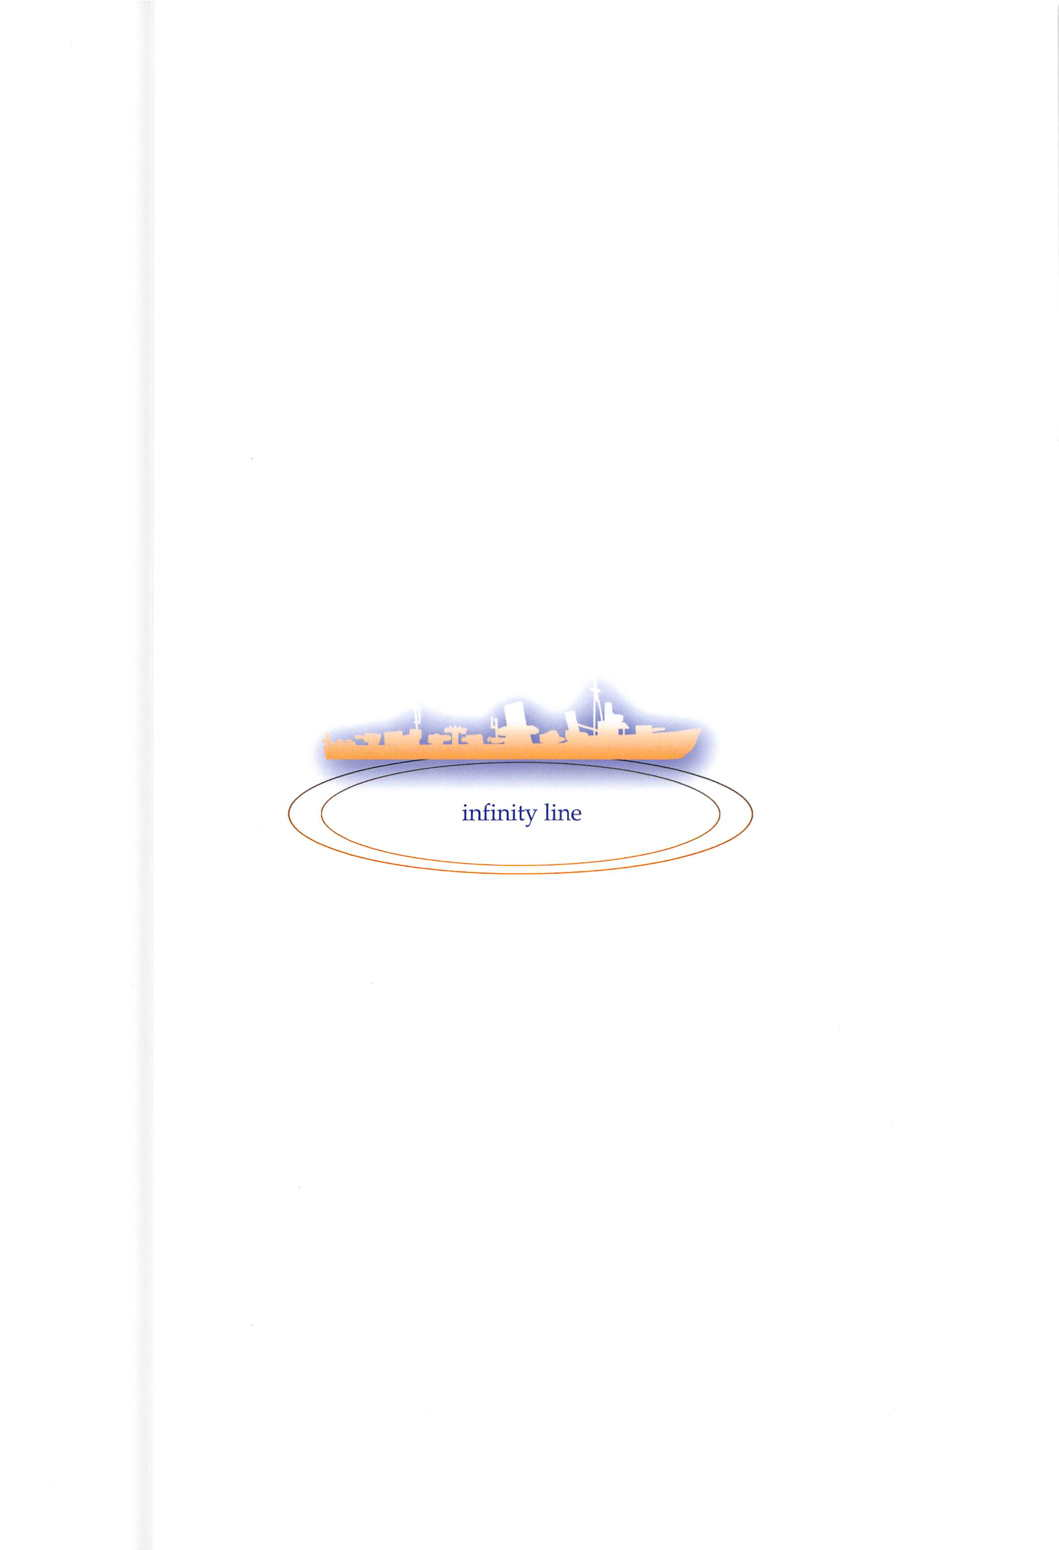 【艦これ エロ漫画・エロ同人】みんなと旅行に来てロリなヴェールヌイとこっそりエッチする提督wアナルセックスまでしちゃってるしwww (22)